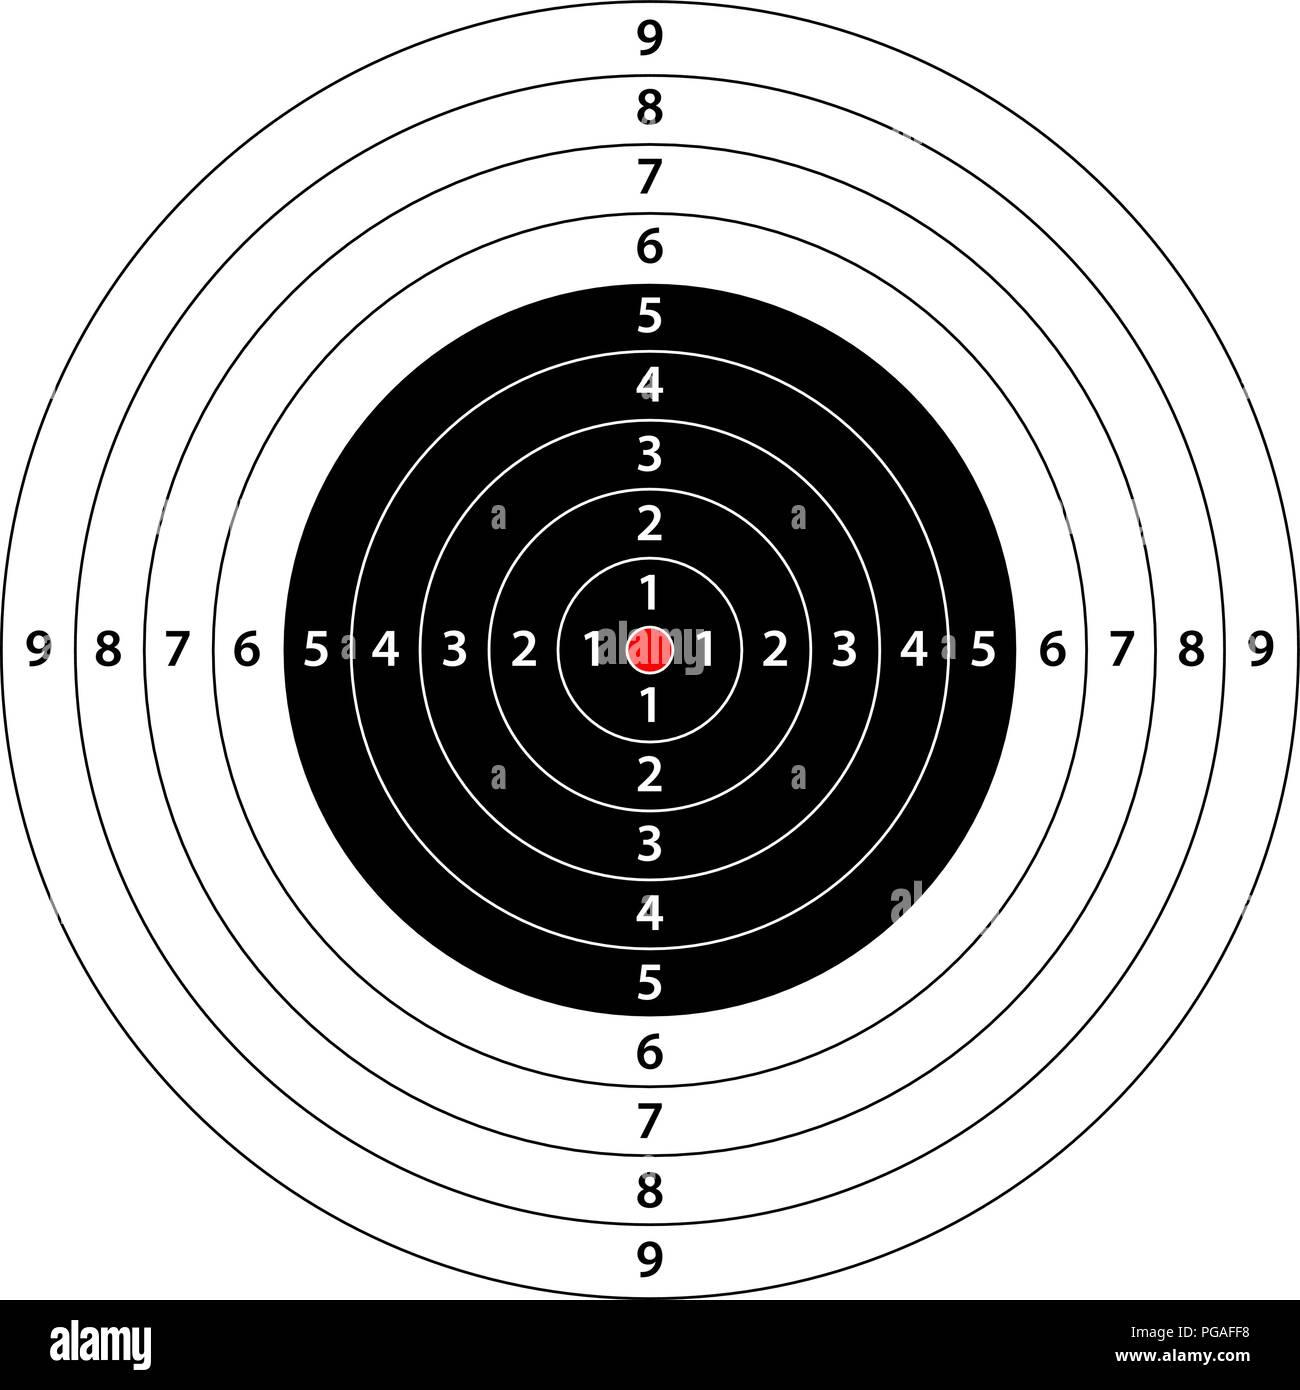 Bullseye Template Bullseye Target Arrow Powerpoint Template